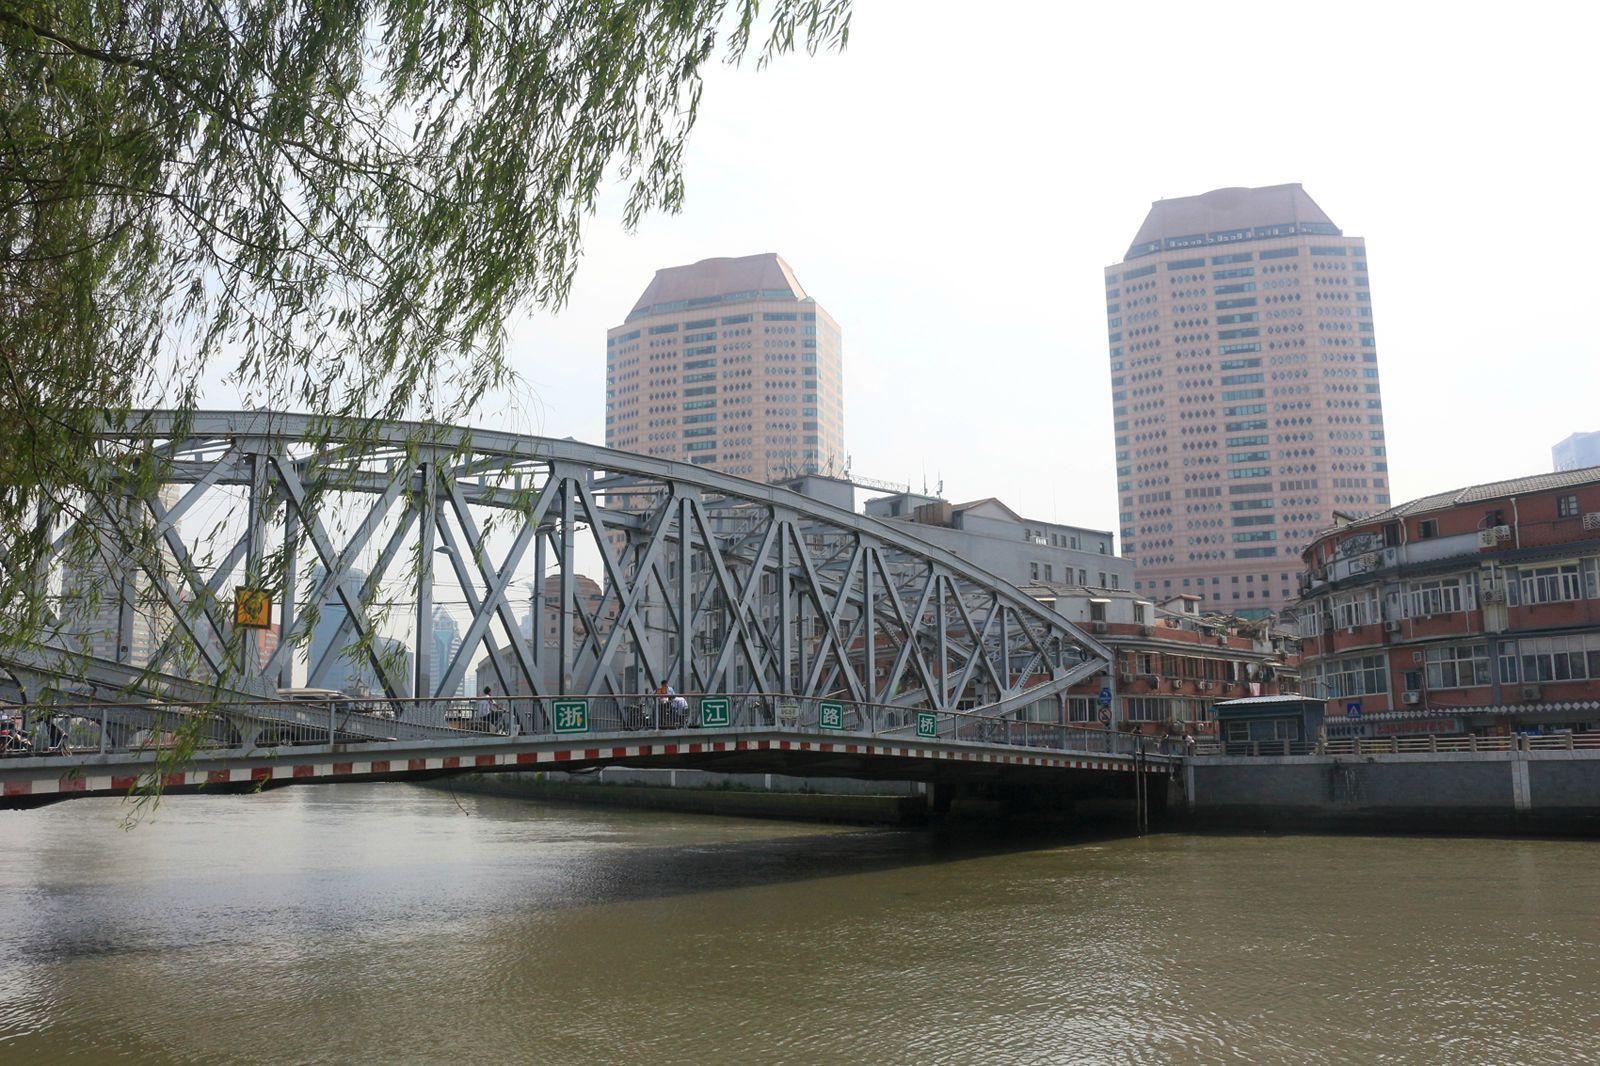 上海母亲河—漫步苏州河12公里记